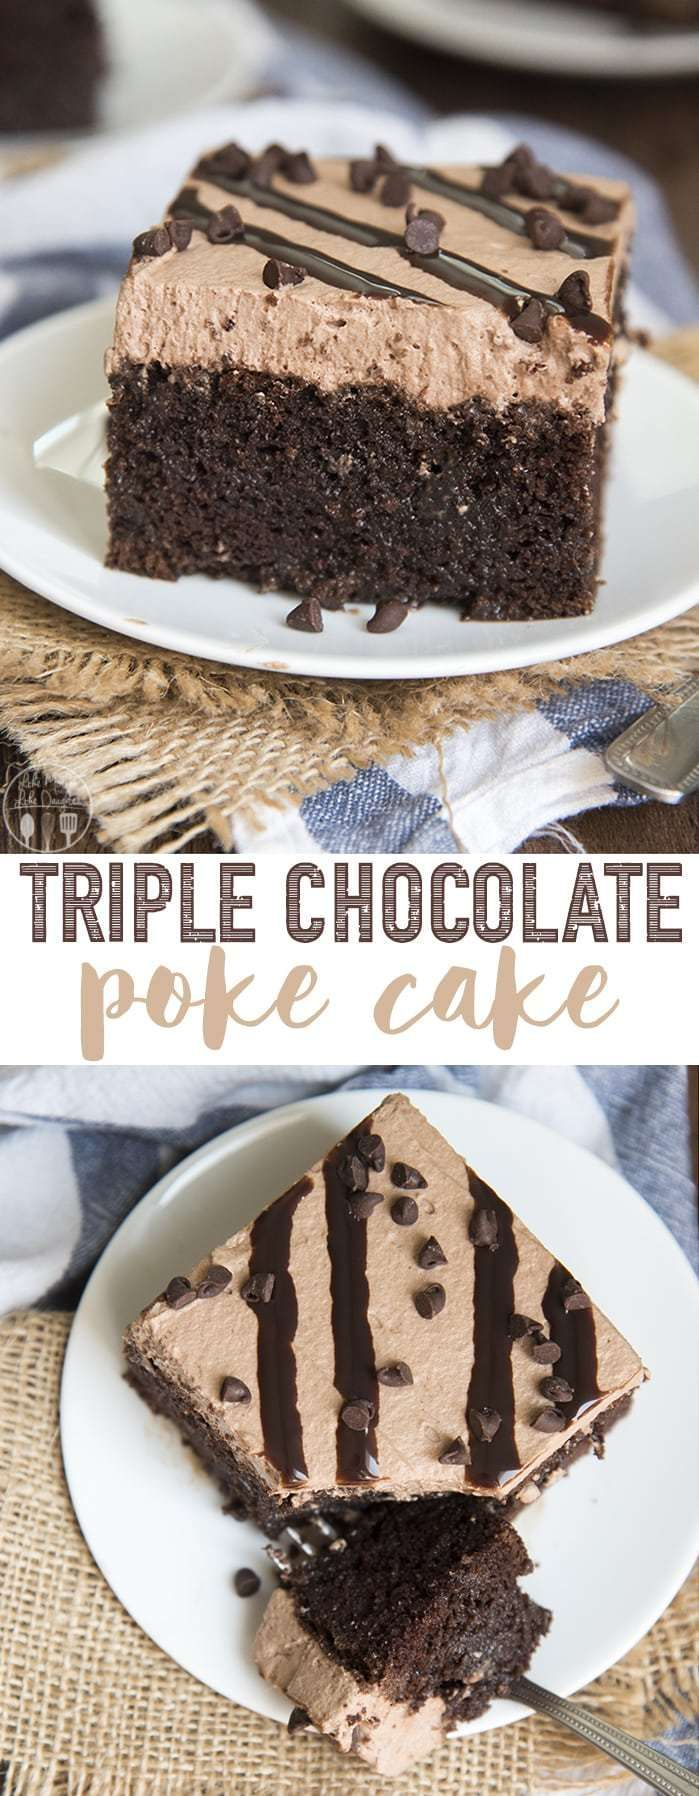 Dieser Schokoladenkuchen ist ein reichhaltiger und dekadenter Schokoladenkuchen, der mit ...   - Mmmm Mmmm Good -